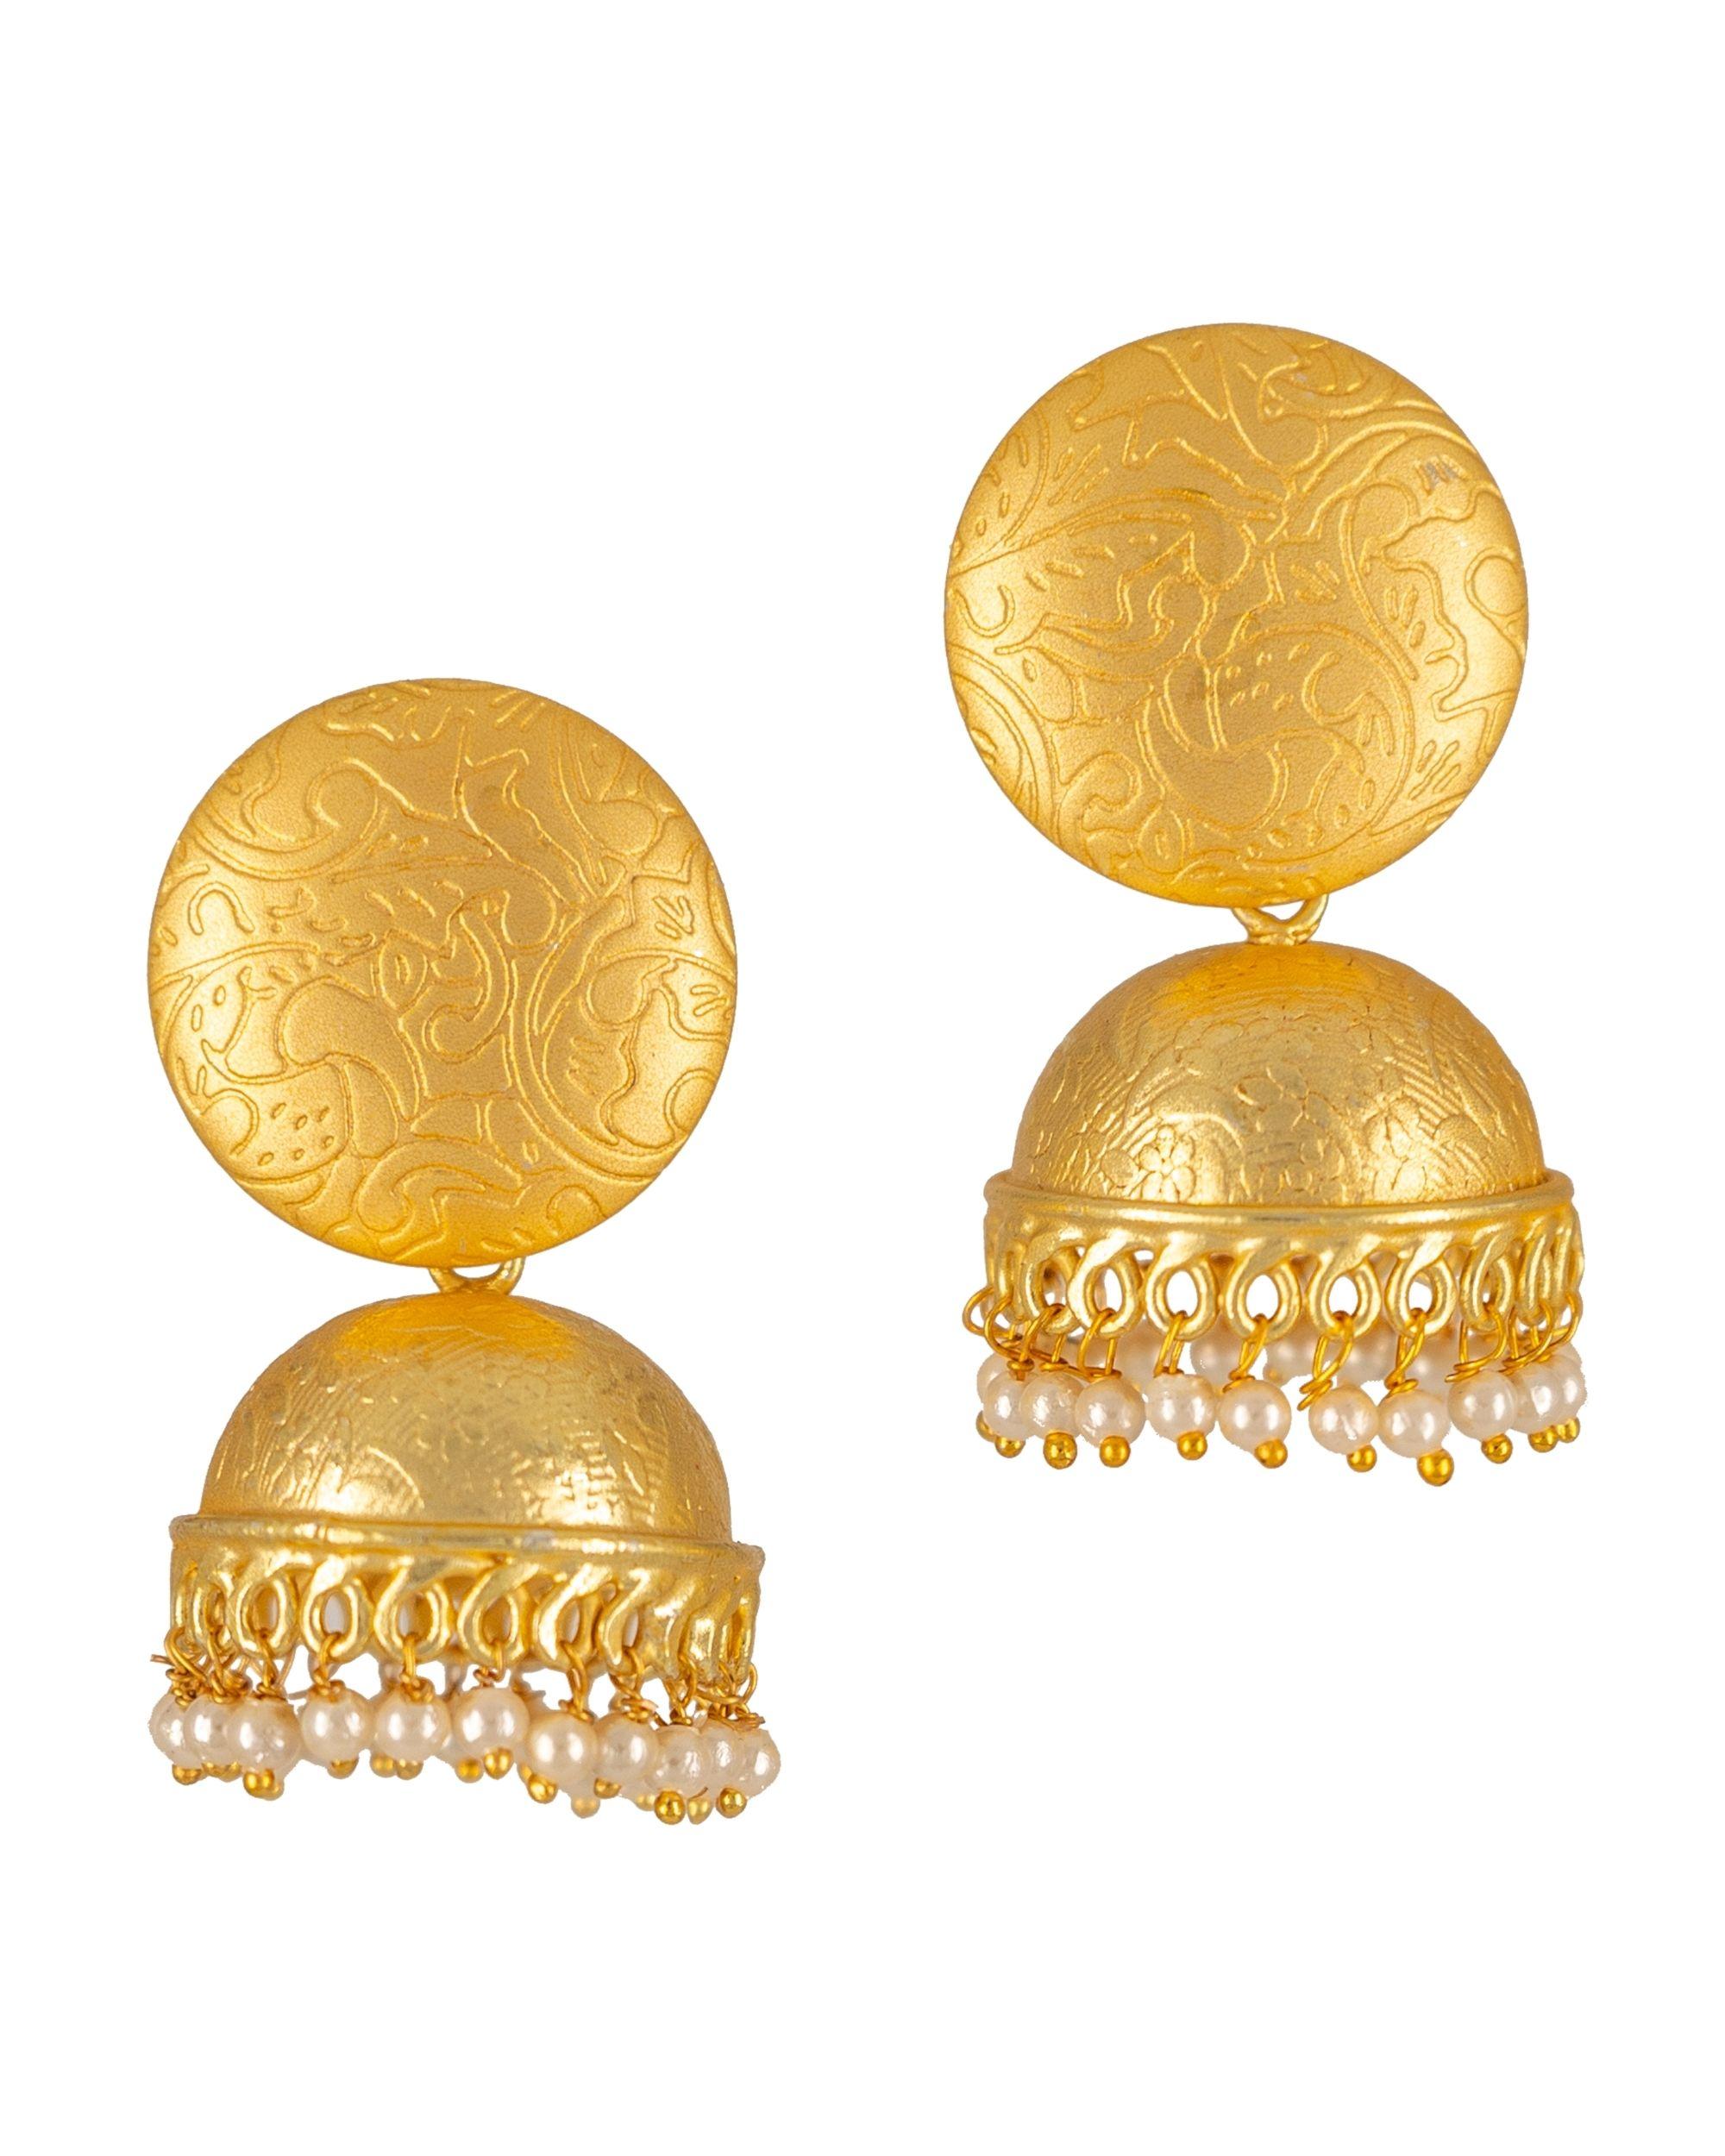 Antique engraved pearl embellished jhumka